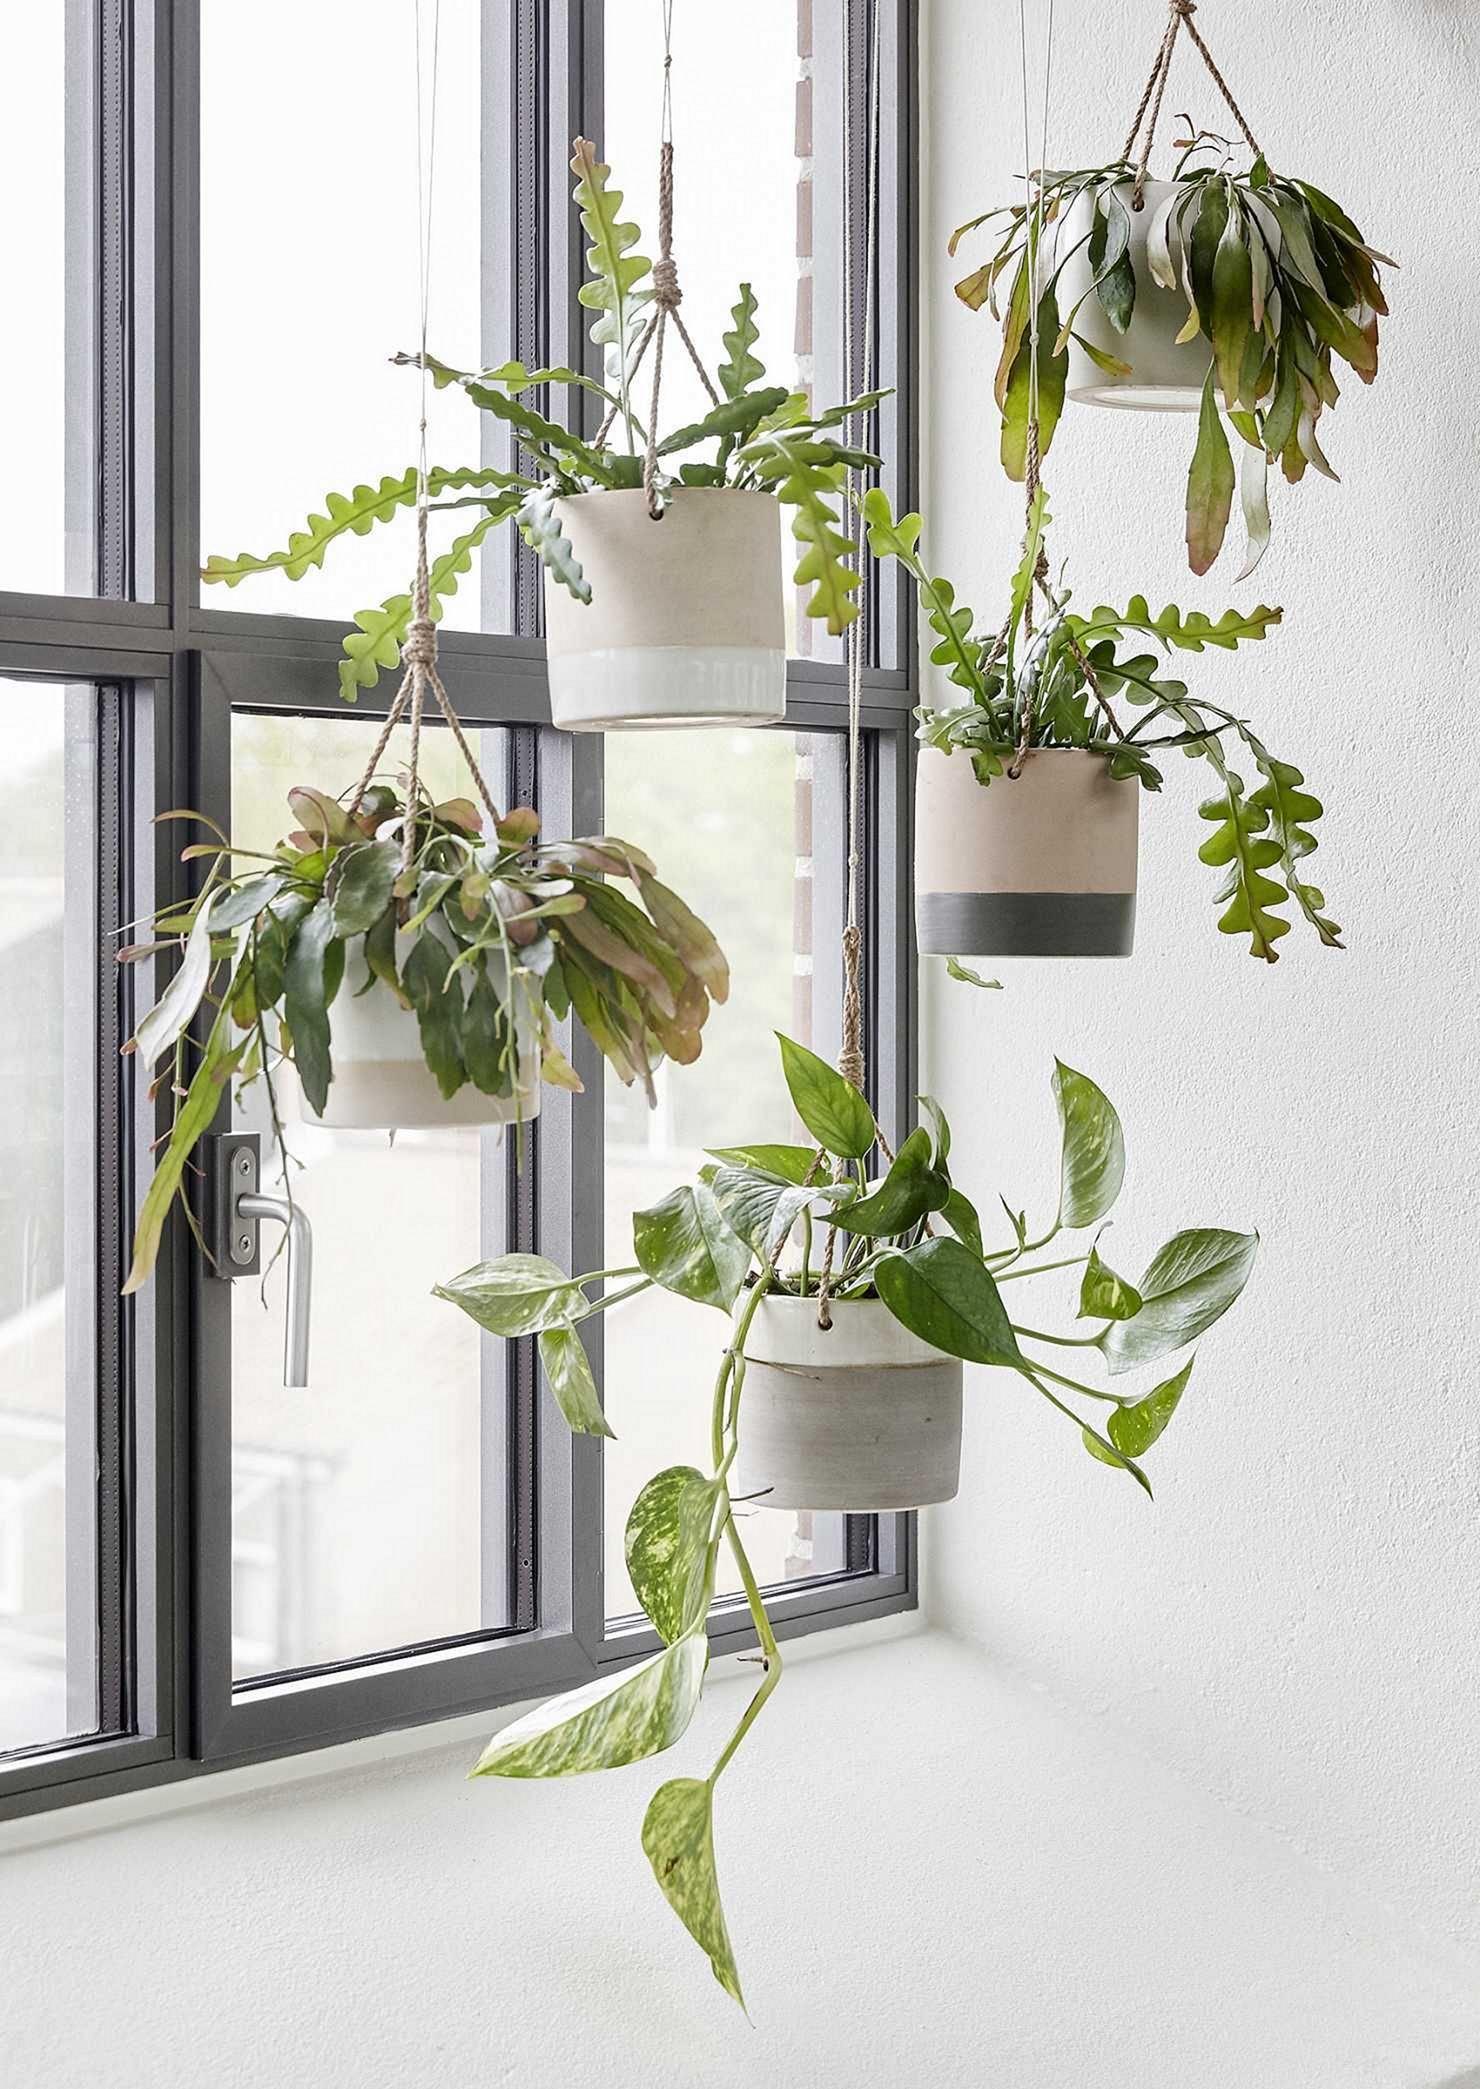 14 Diy Hanging Indoor Plants Design Ideas In 2020 Hanging Plants